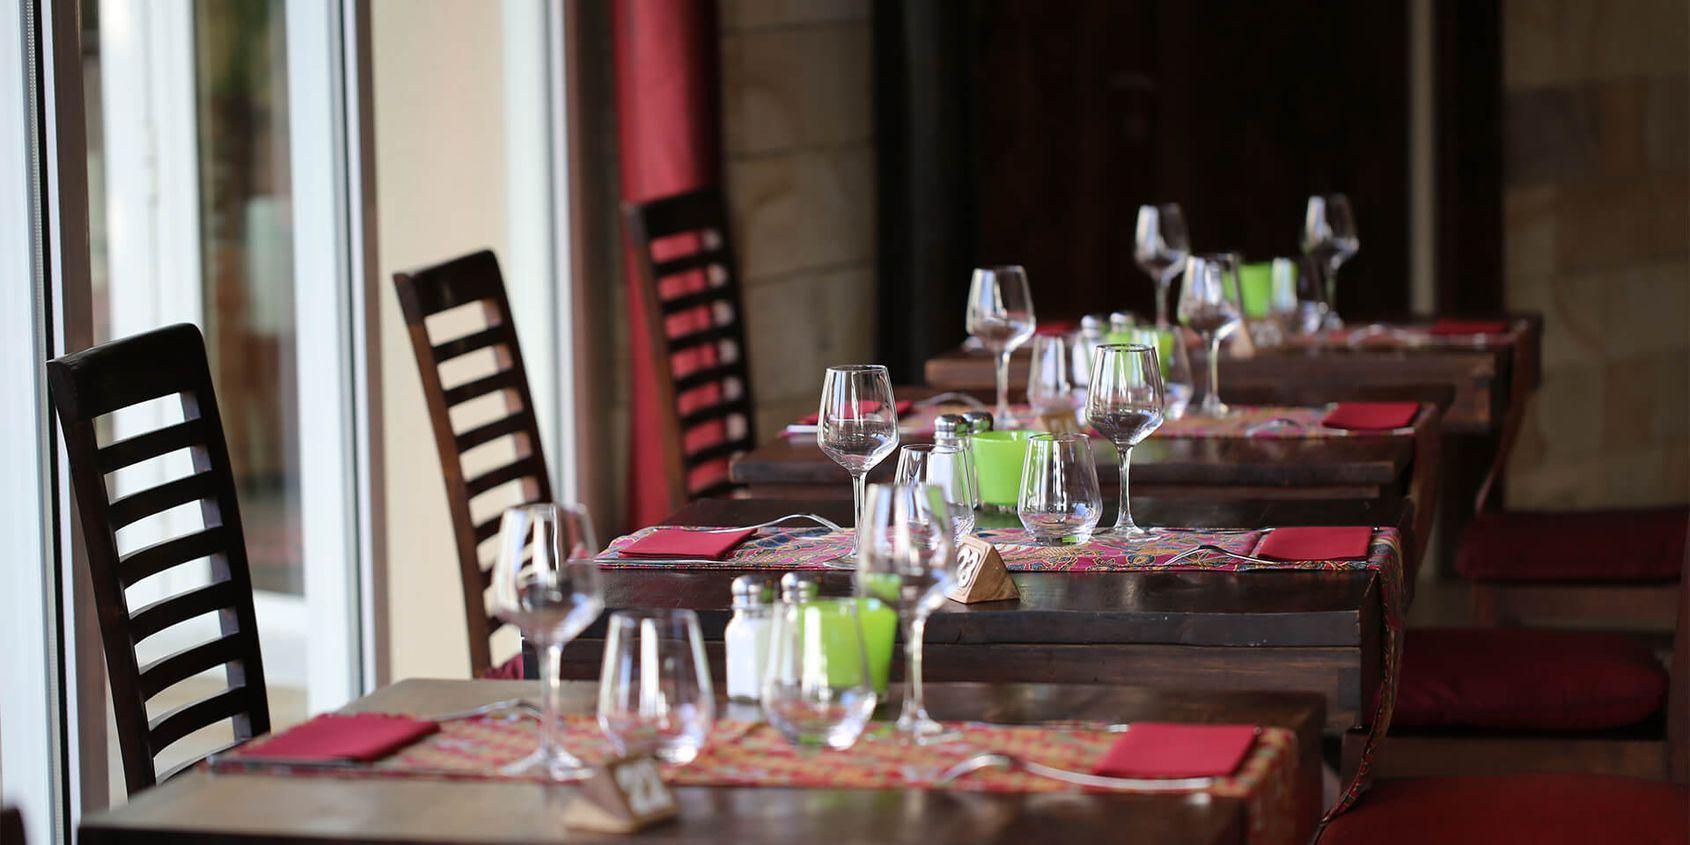 Restaurant Le Tegallalang - manger à Beauval - Les hôtels de Beauval